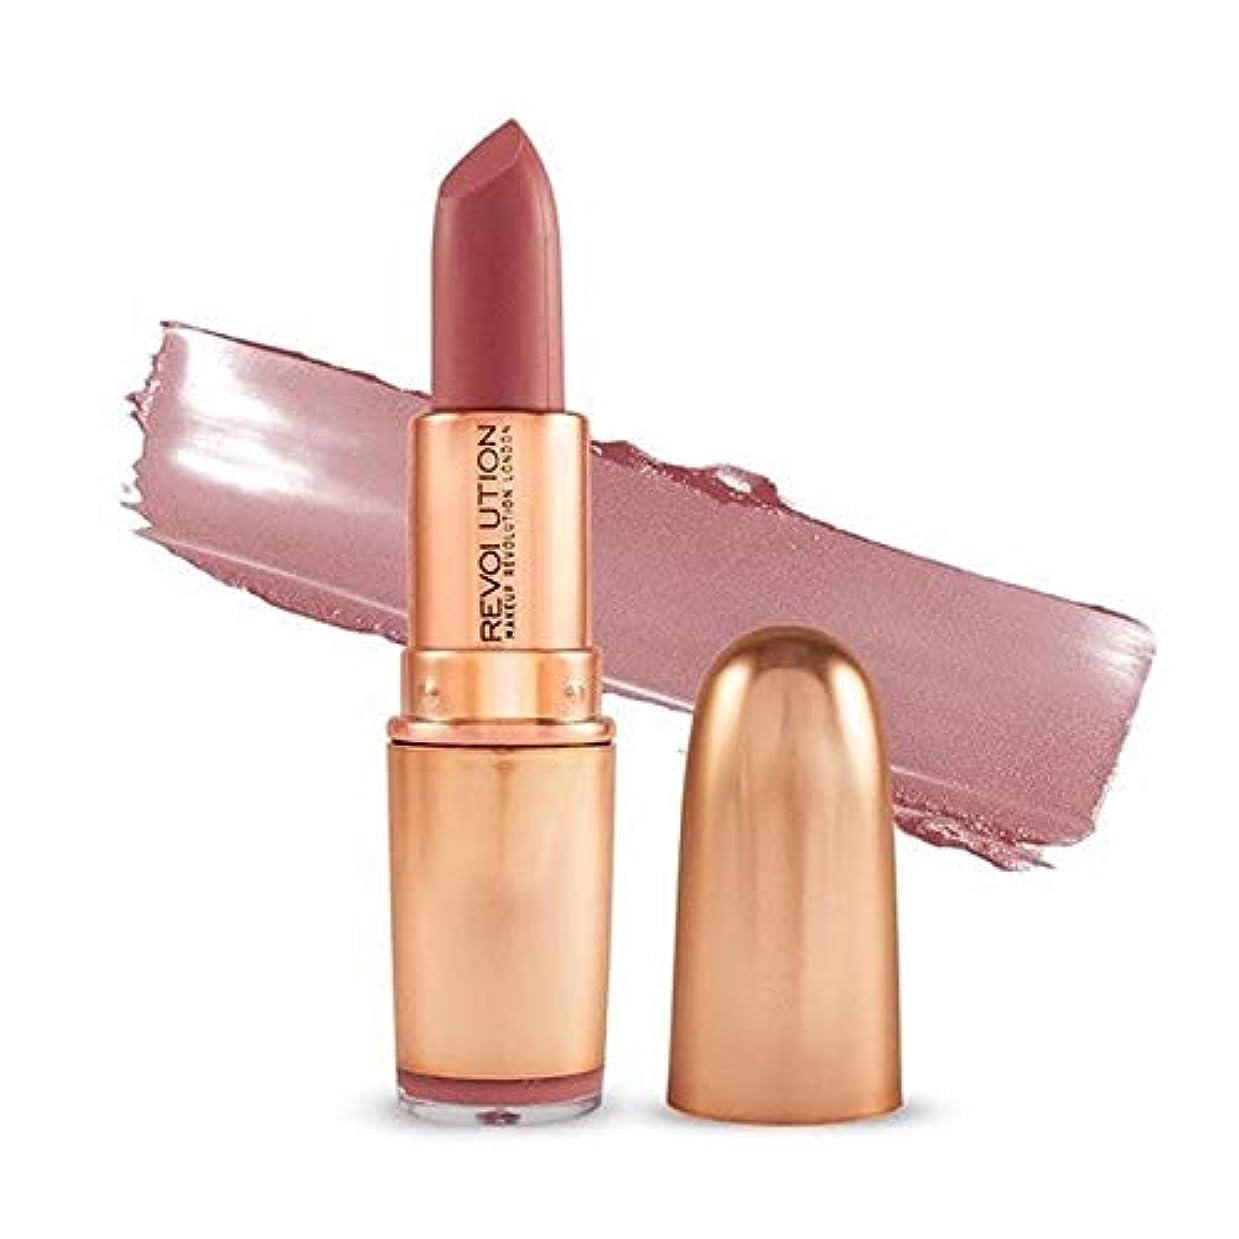 塩辛いホイスト飛躍[Revolution ] 革命の象徴的なマットヌード口紅の欲望 - Revolution Iconic Matte Nude Lipstick Lust [並行輸入品]